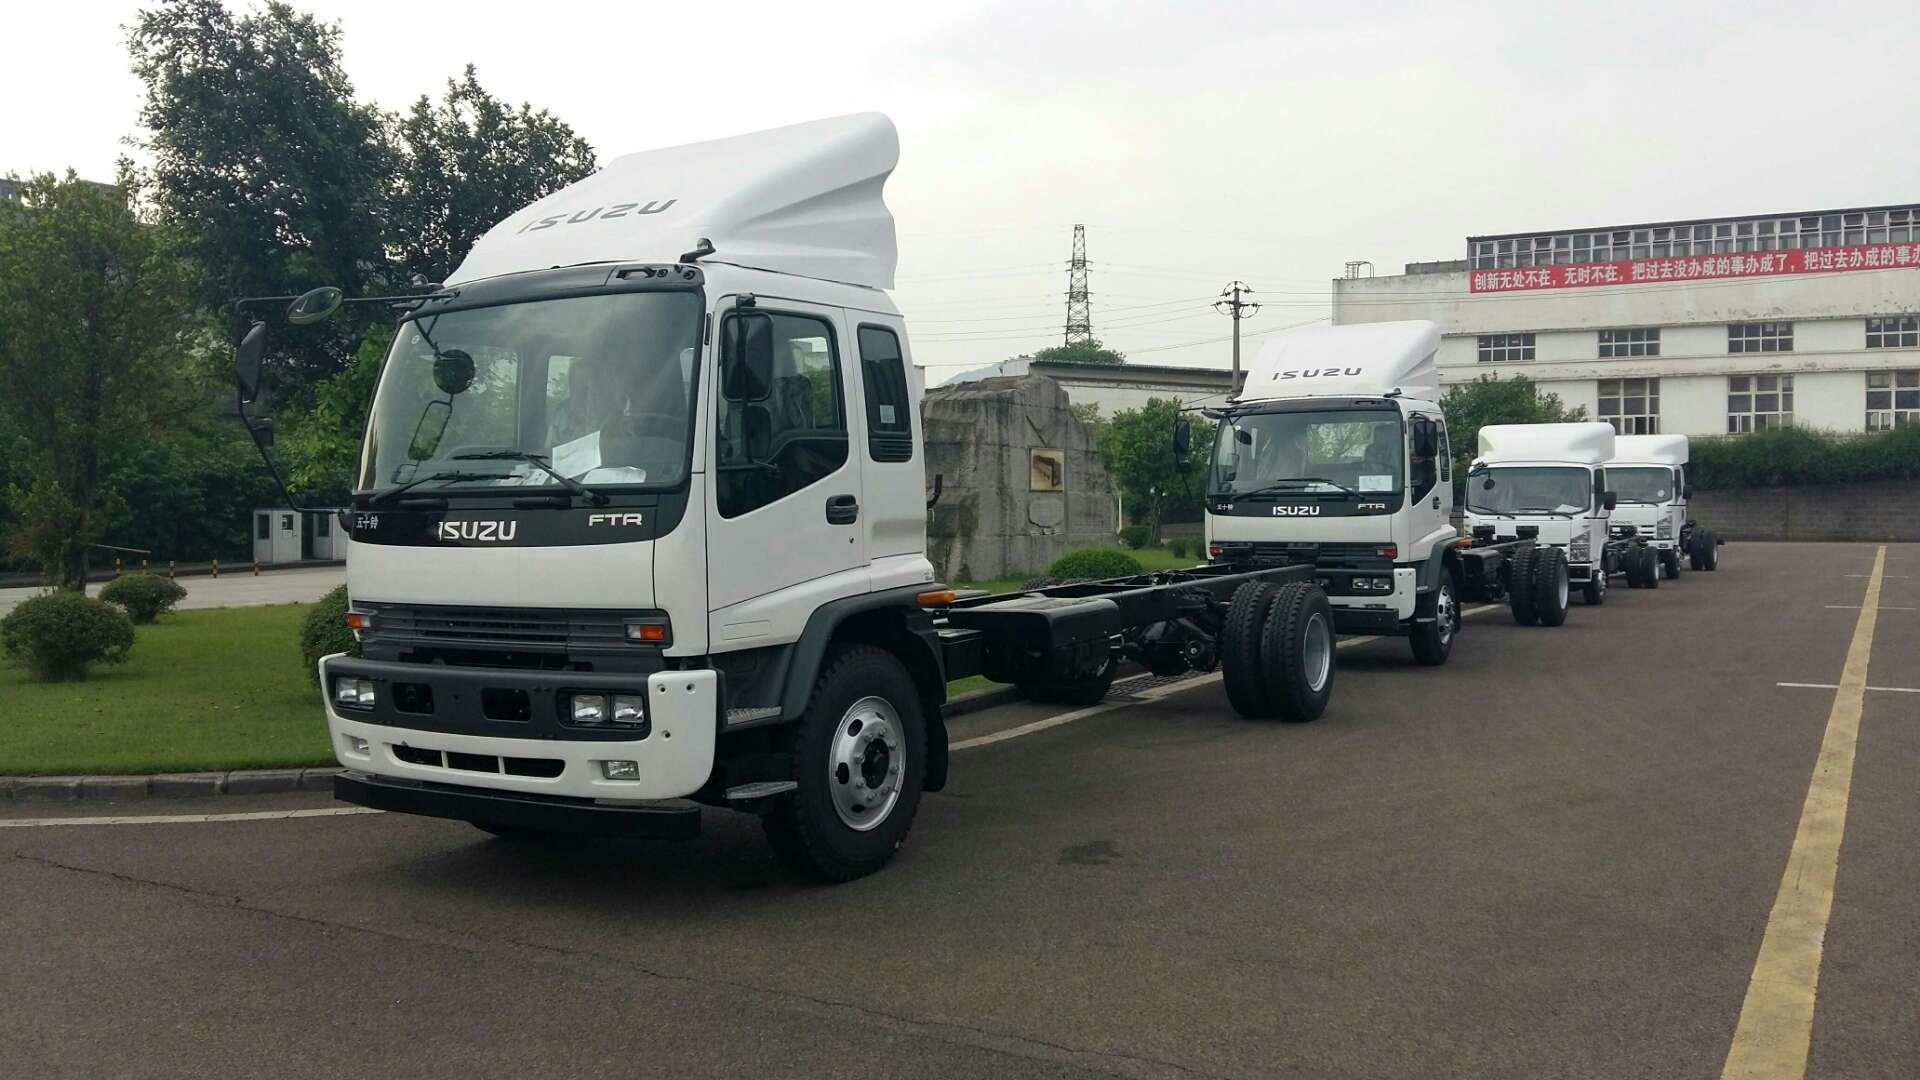 China Isuzu Ftr Series Truck with 4HK1 Engine - China Isuzu Ftr, Isuzu Truck